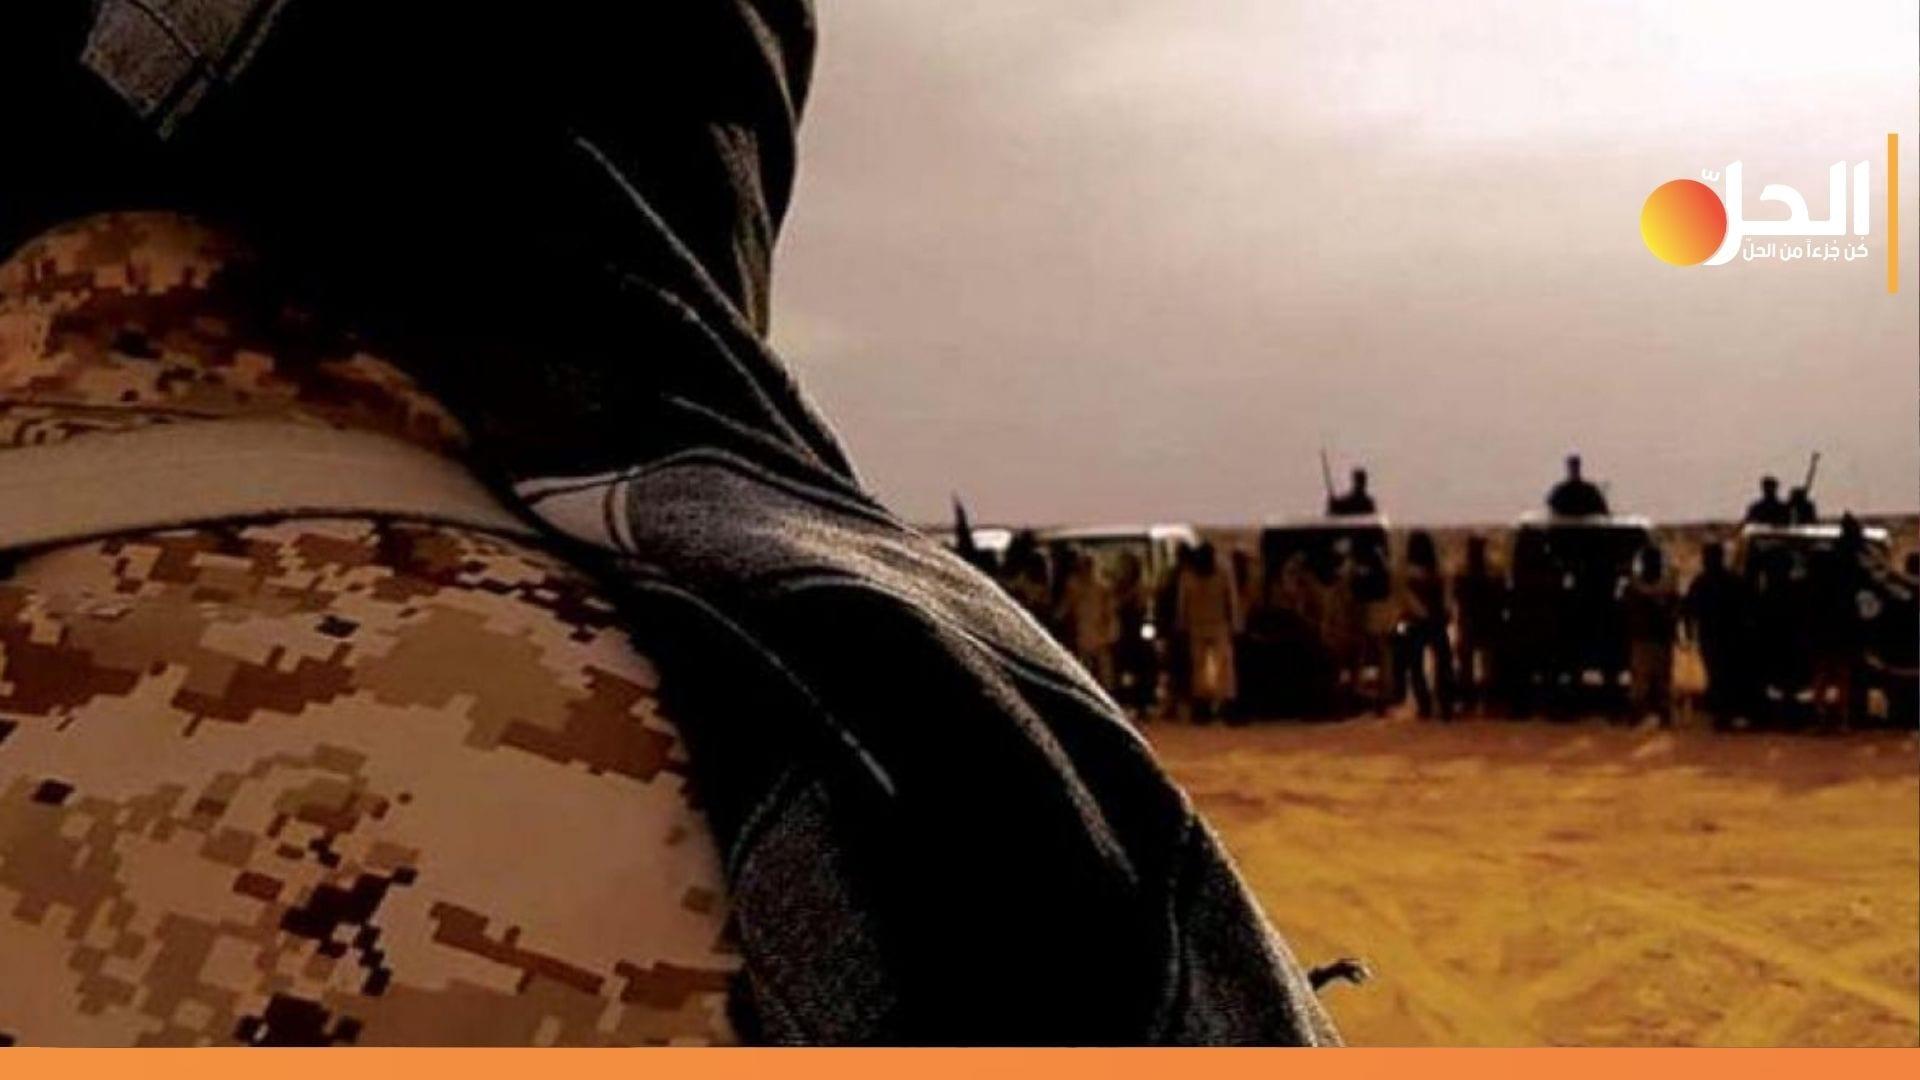 """مُرَوّج فيديوهات القتل لـ """"داعش"""" في قبضة الشرطة العراقية بكركوك"""